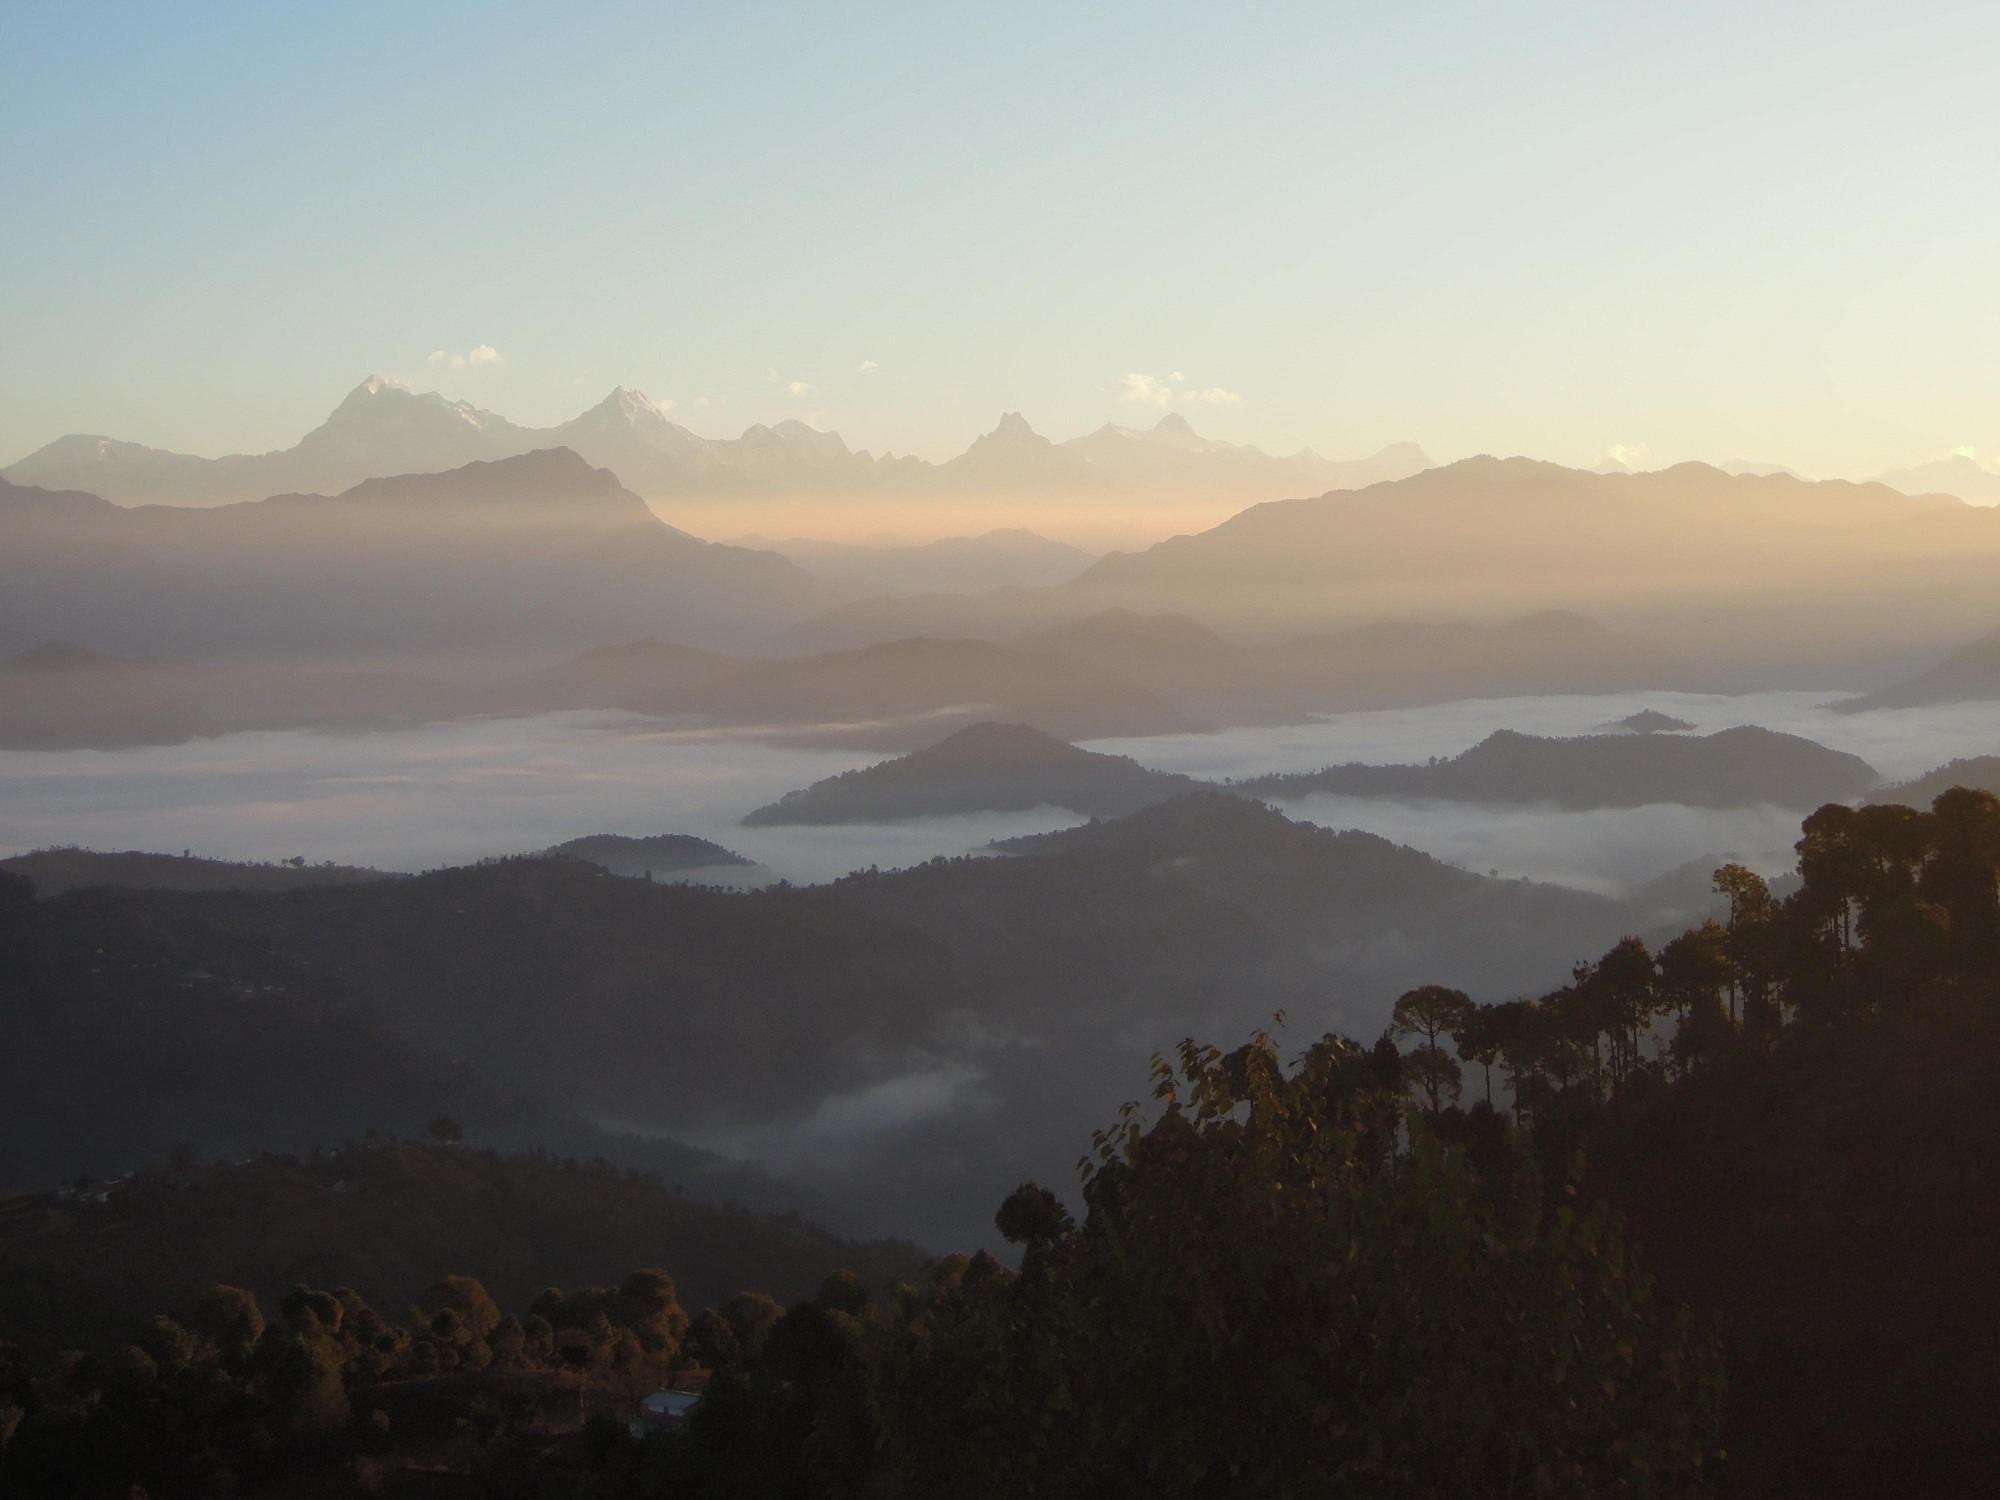 paysage montagneux et boisé